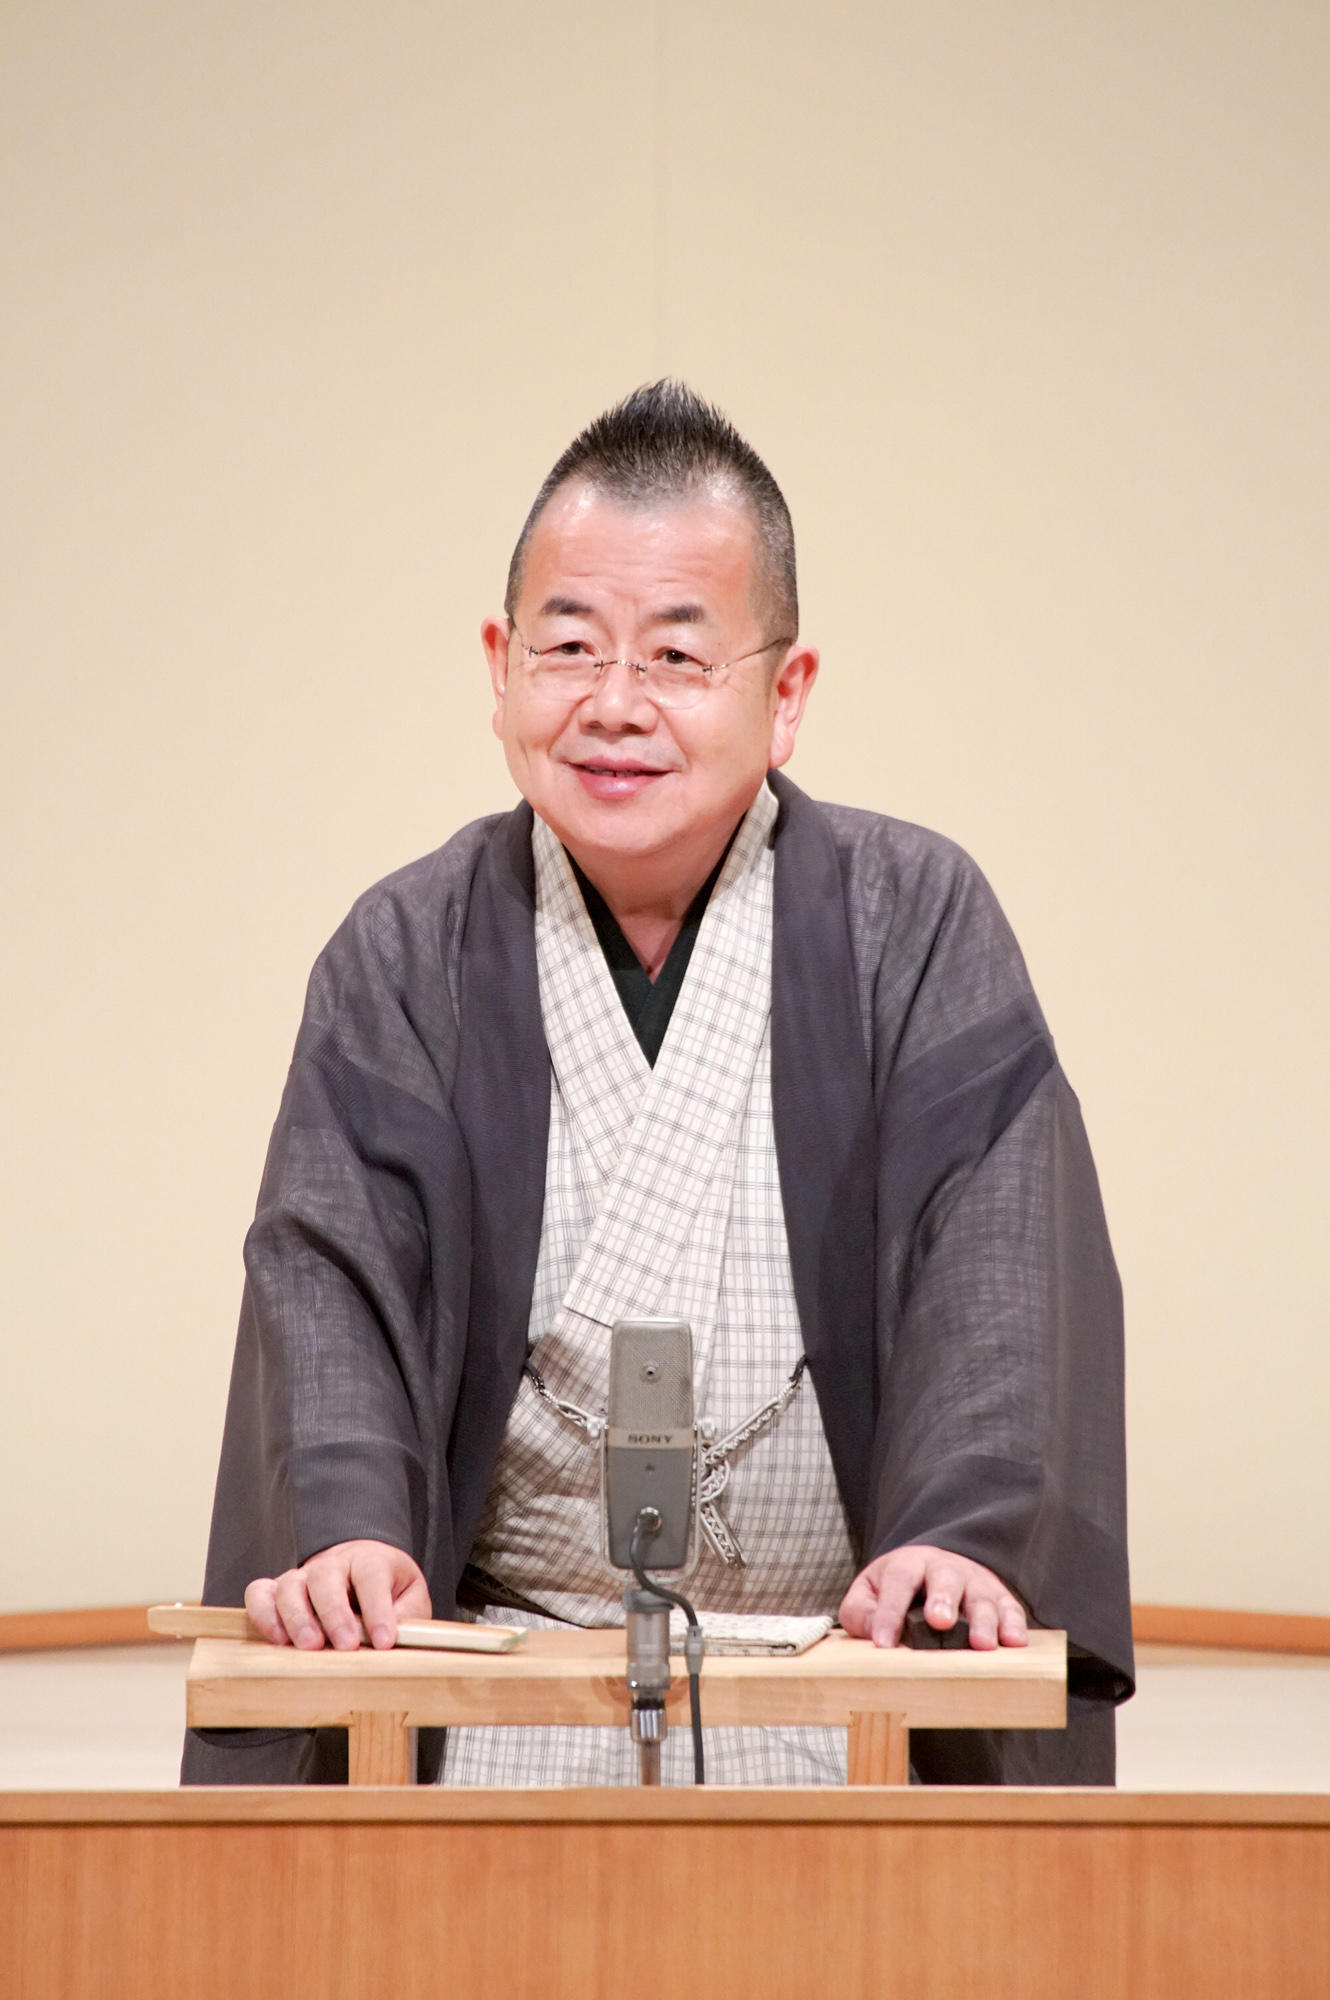 http://news.yoshimoto.co.jp/20170818231705-716f0d27f8f3f3691f940abf36f3ba15cbed8345.jpg